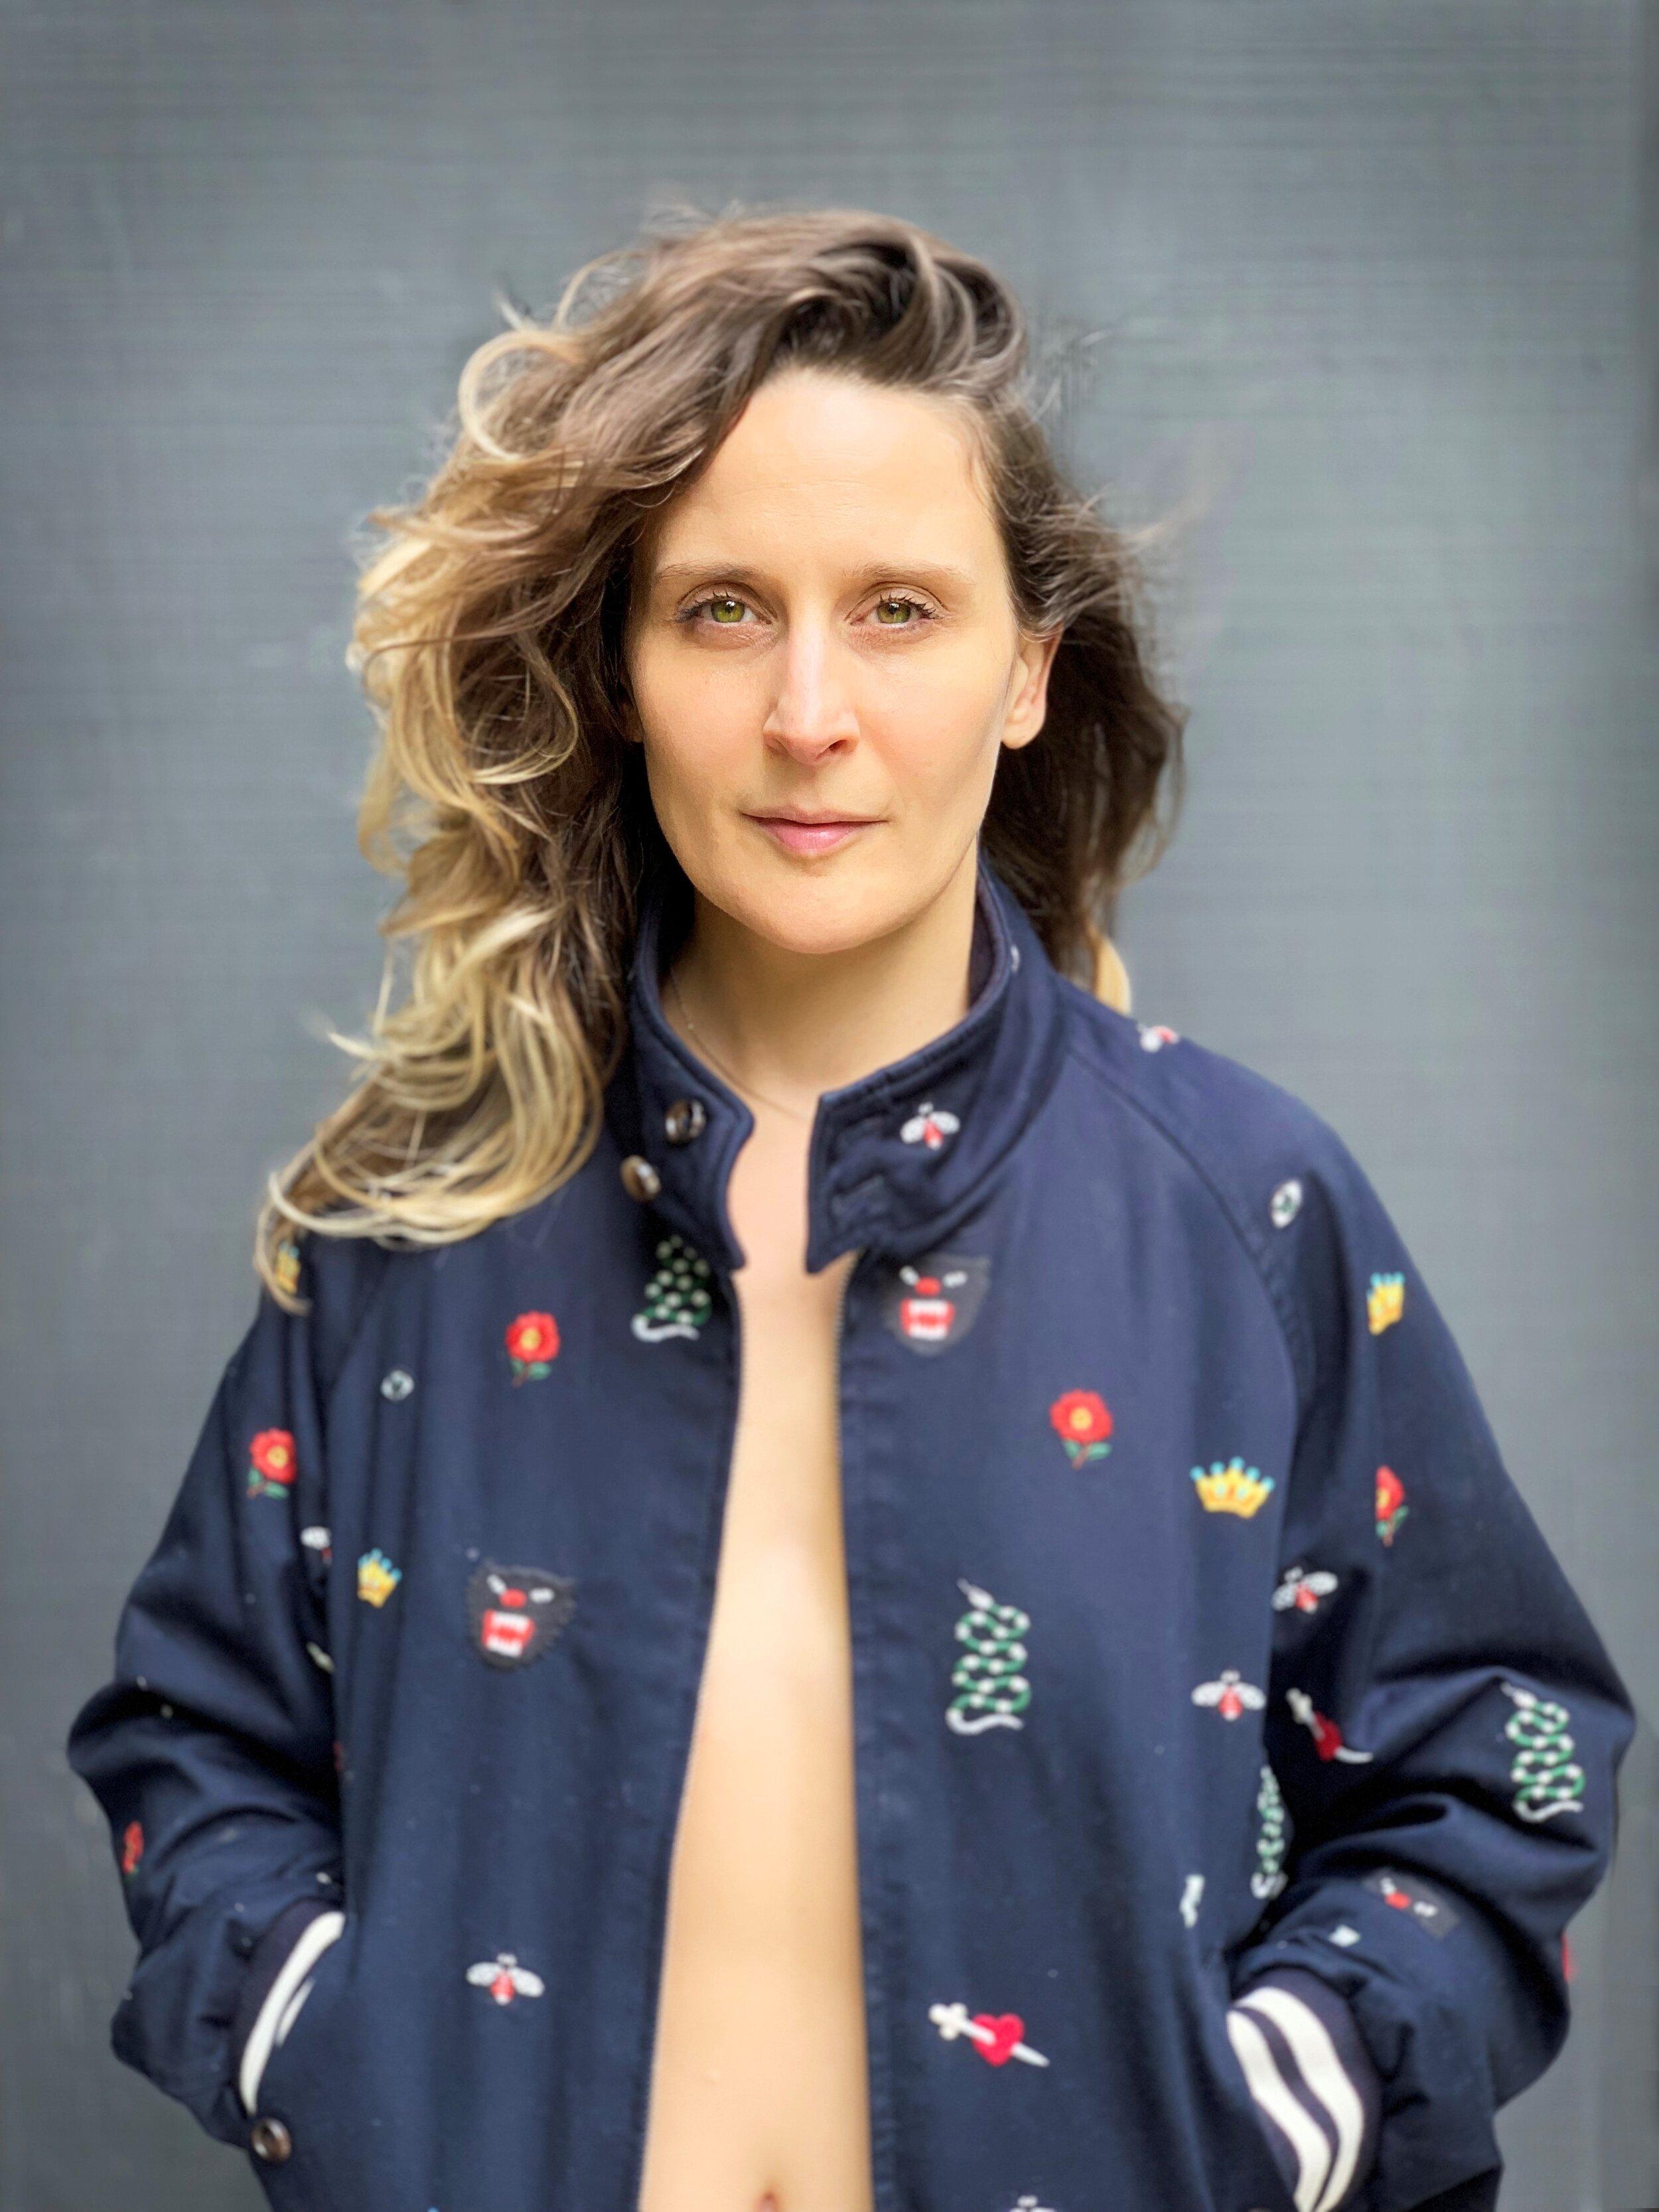 Toni Hartley of The Birdhorse. (Photo: Sara Heart Bacon)